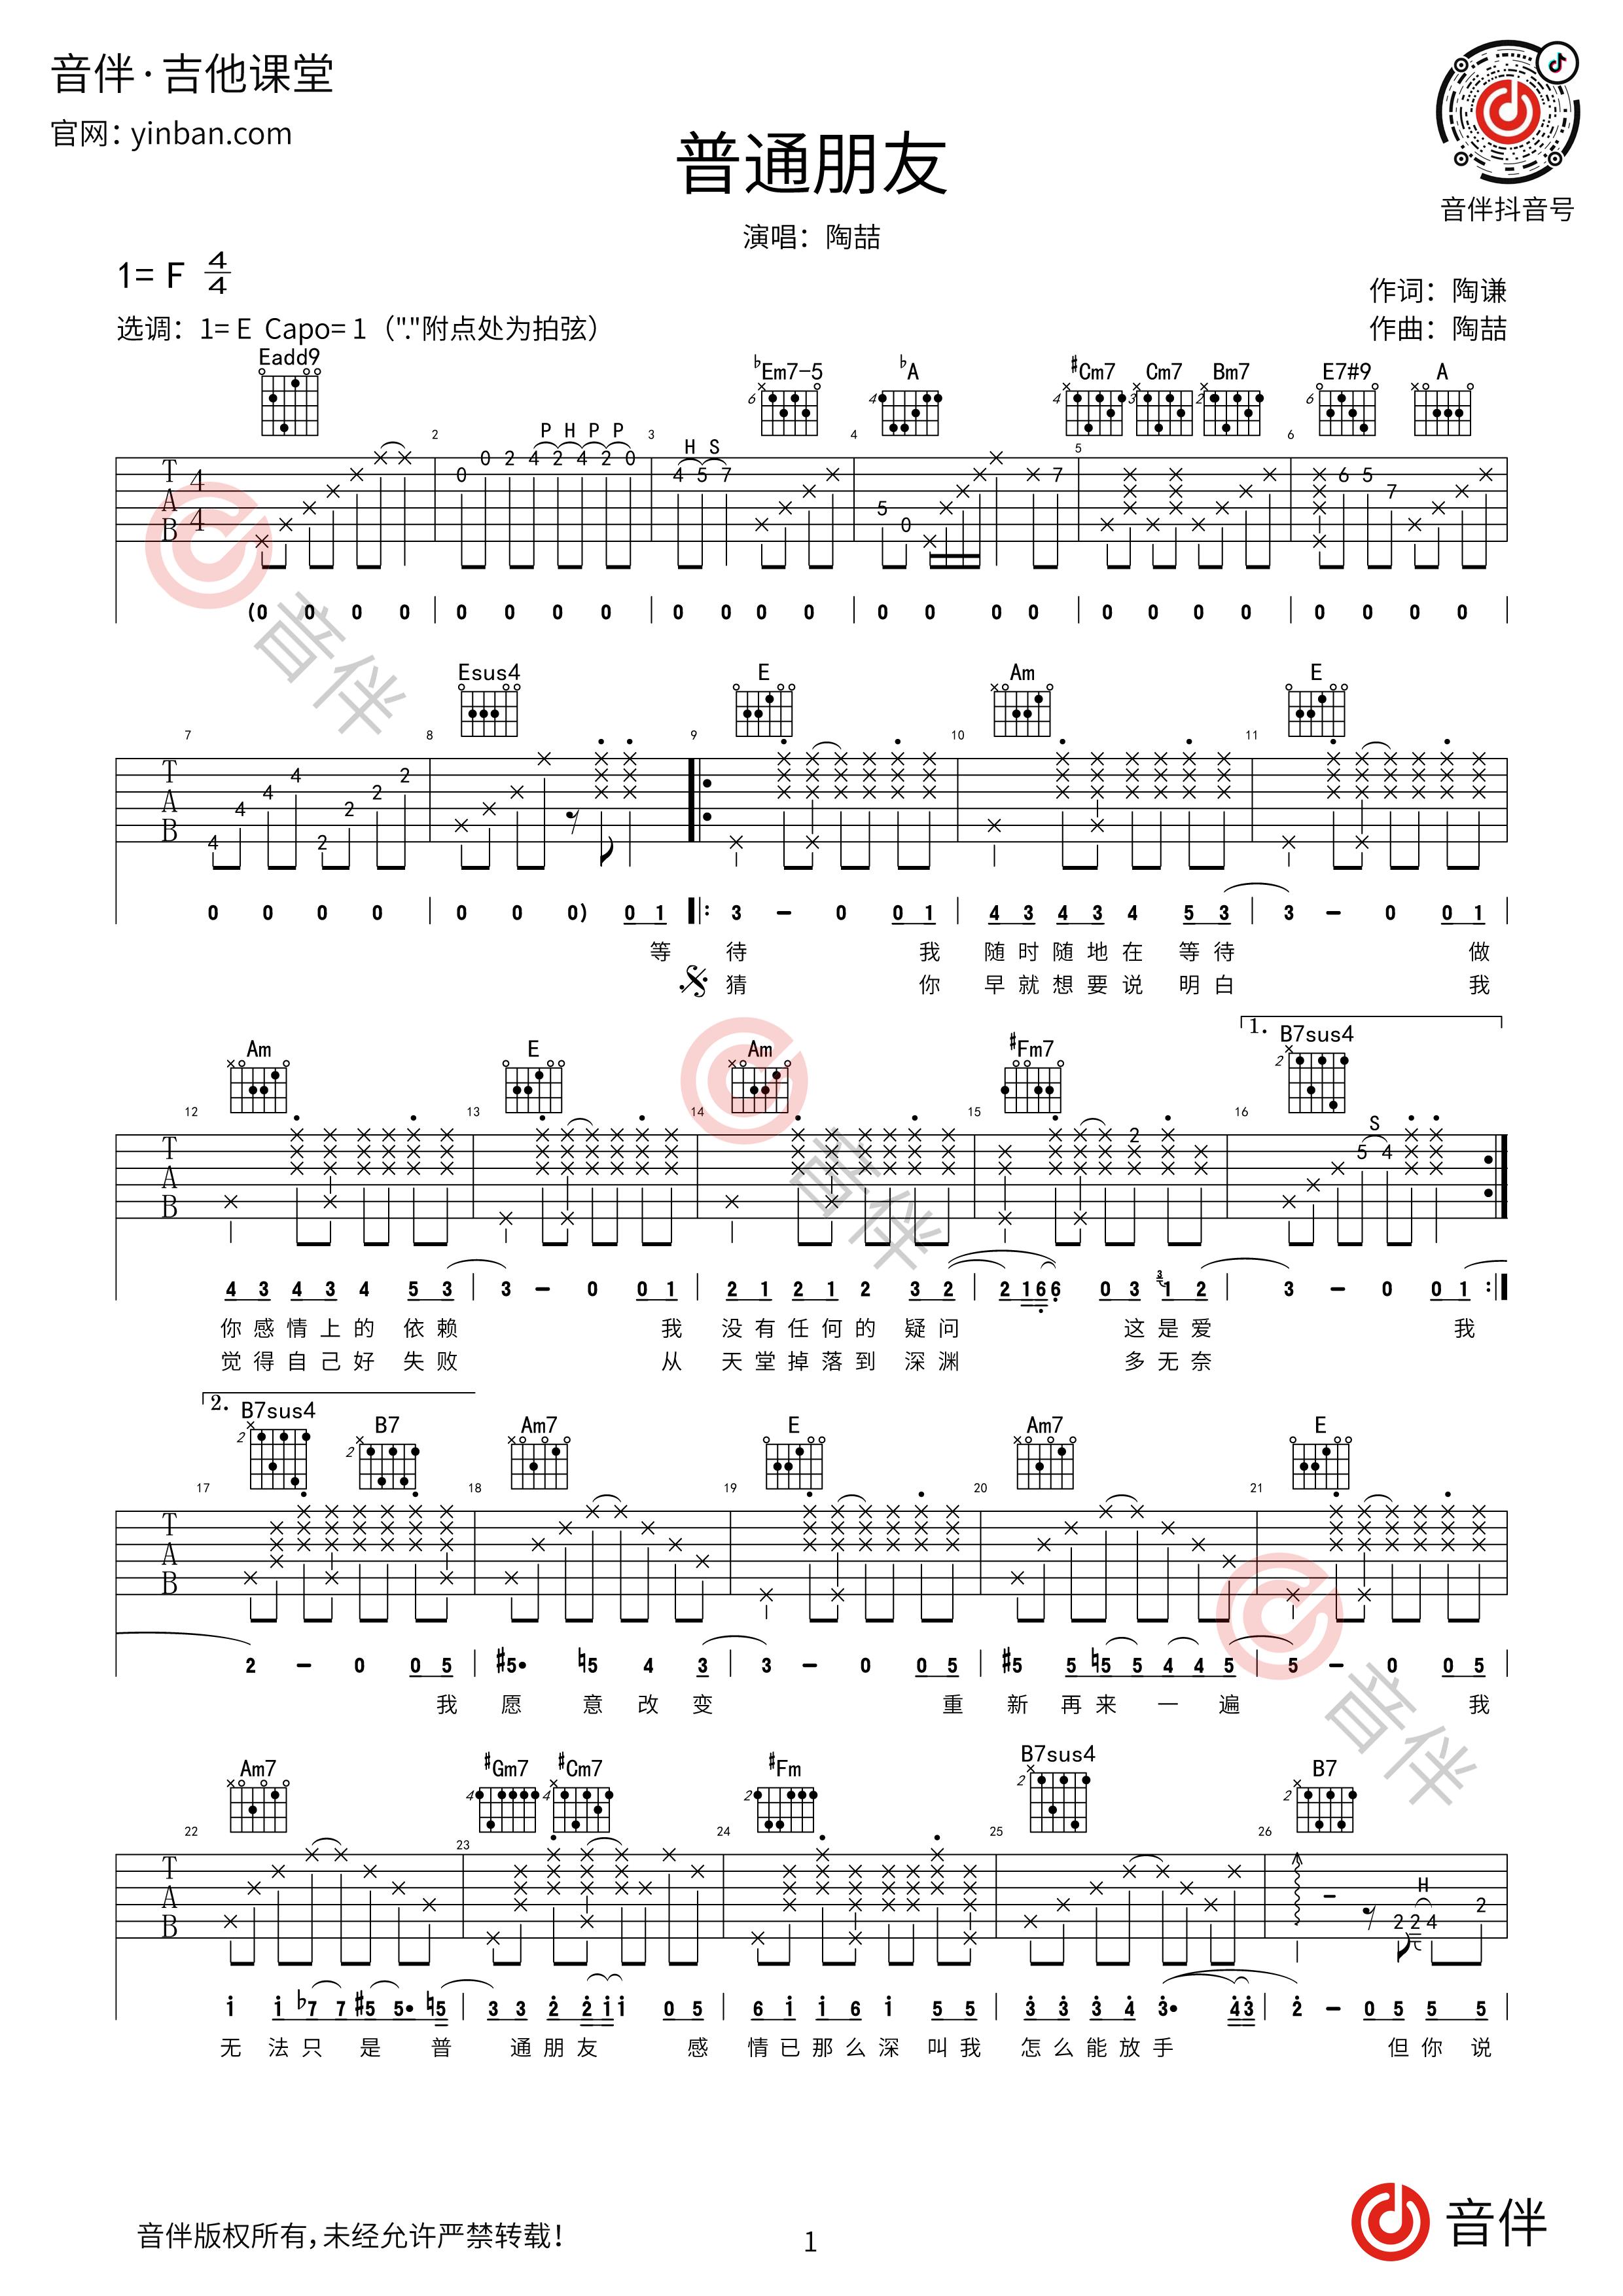 普通朋友吉他谱1